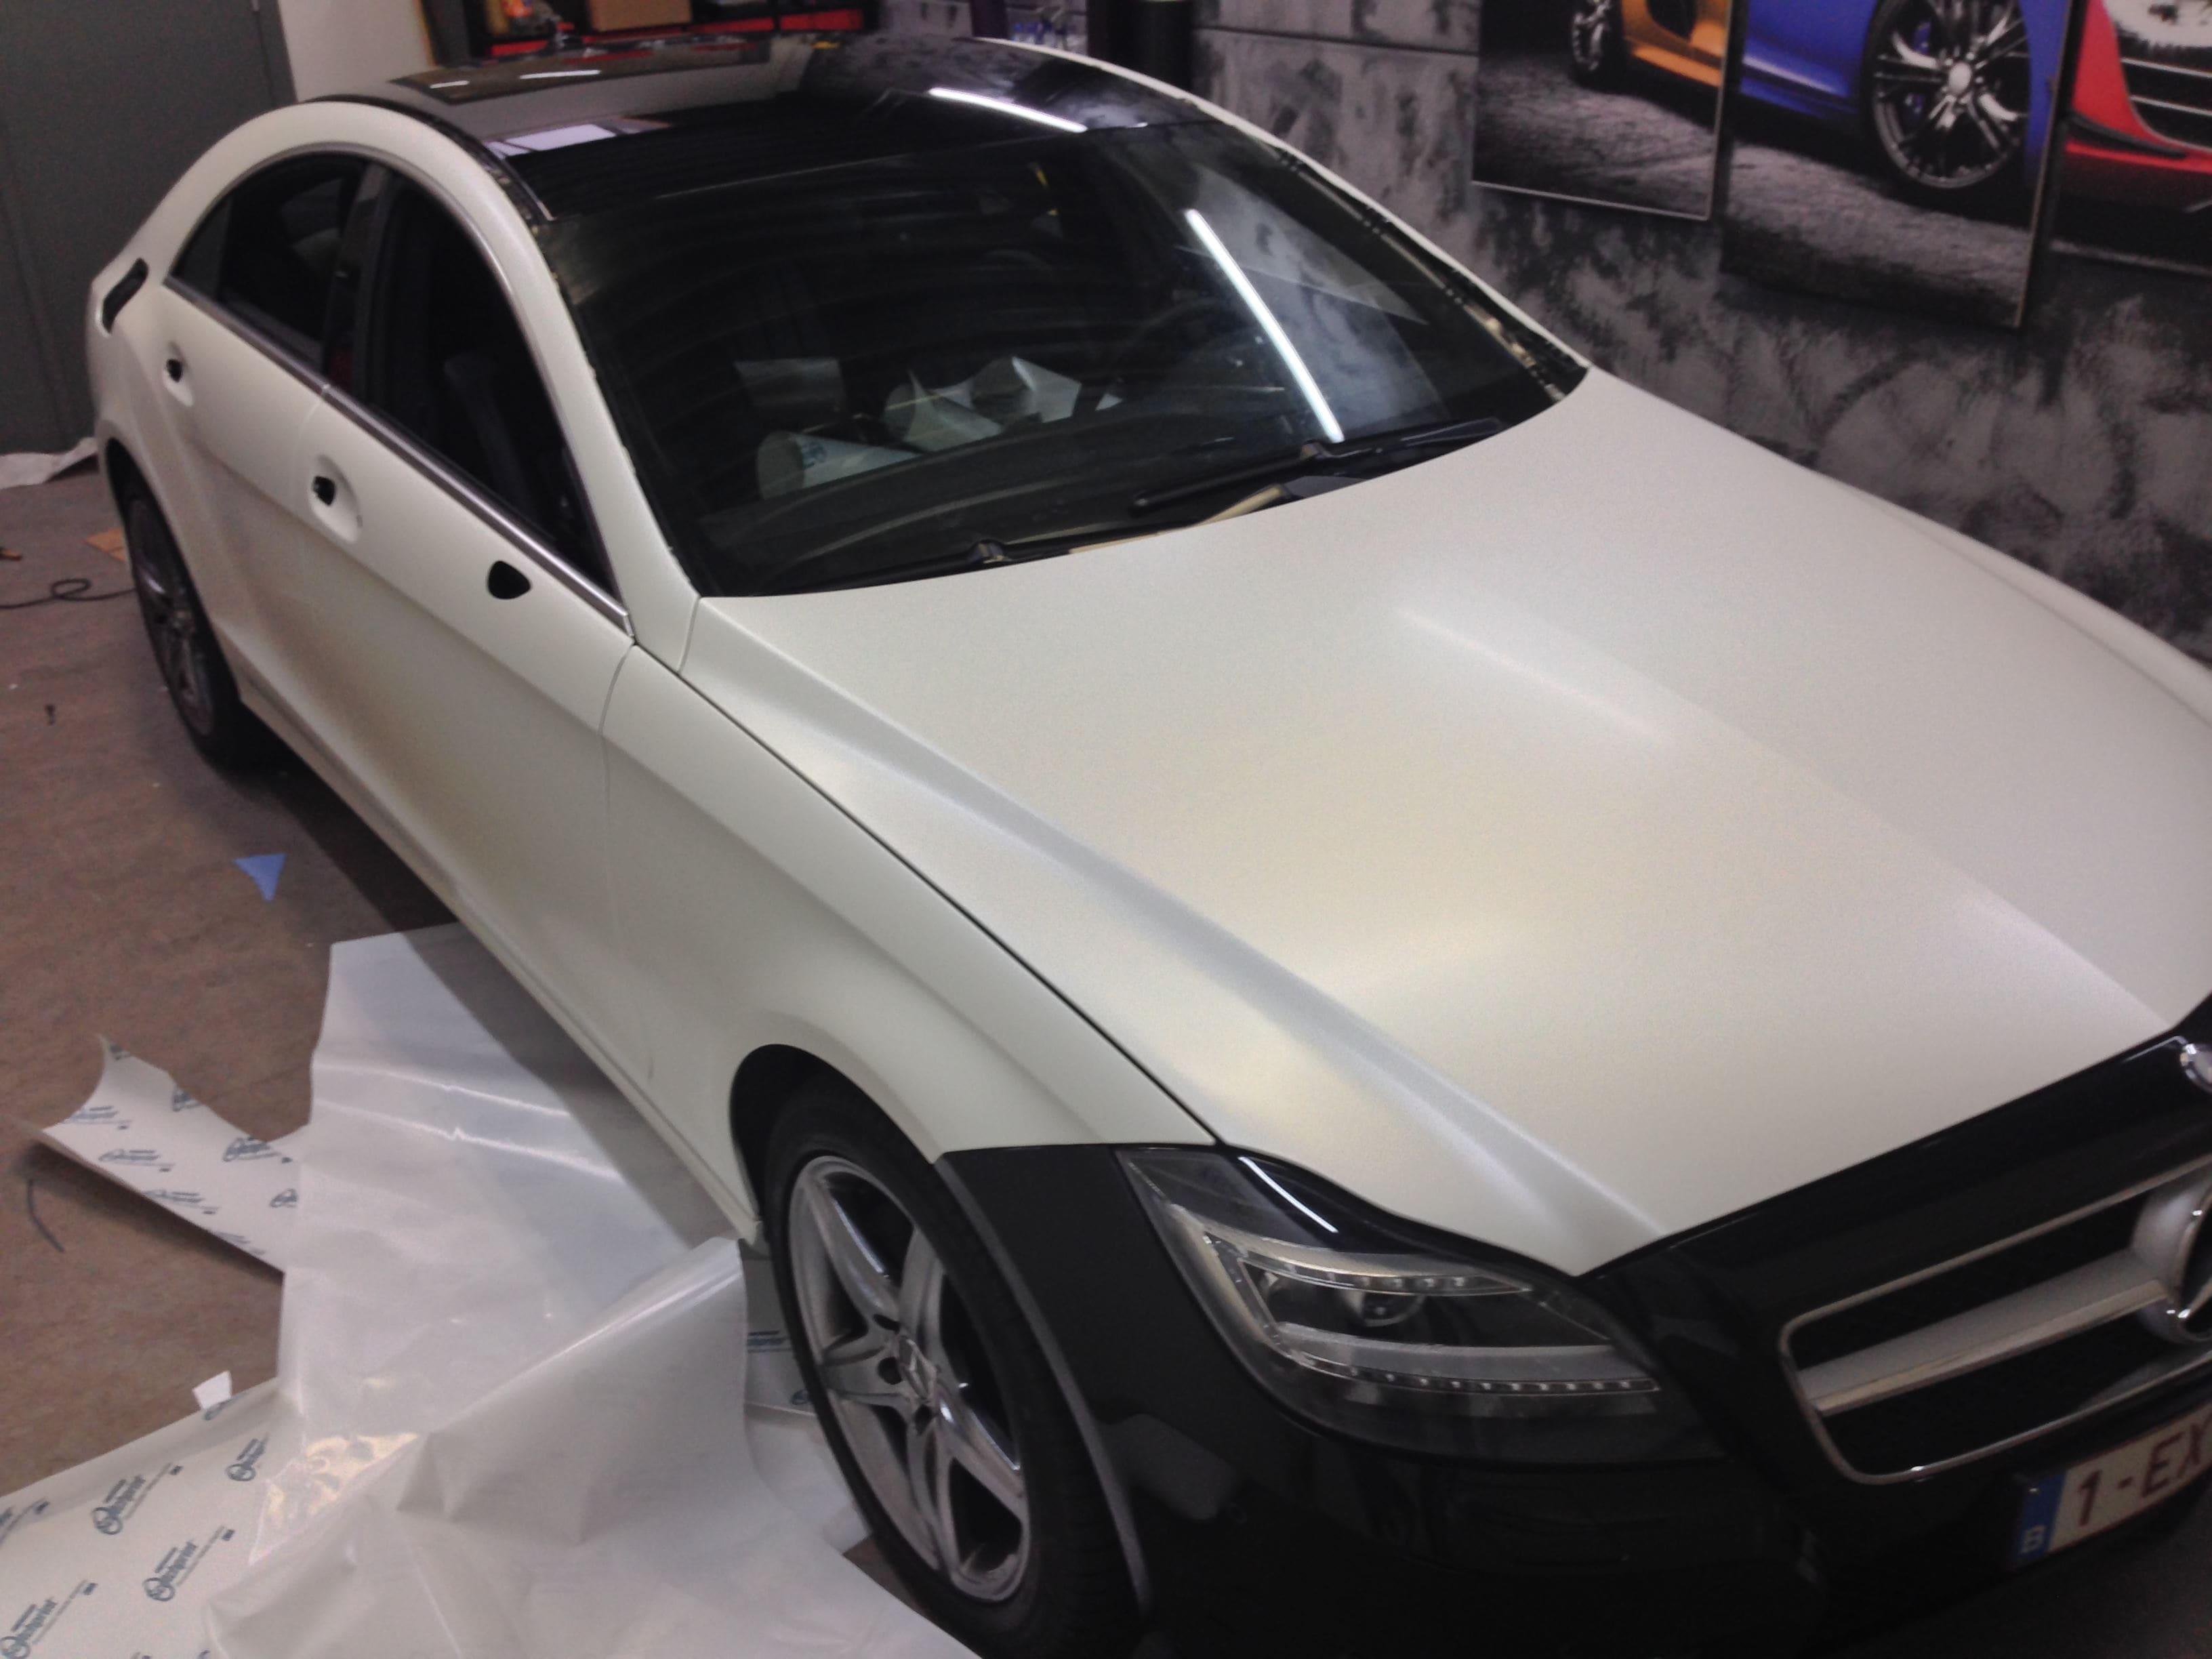 Mercedes CLS met White Satin Pearl Wrap, Carwrapping door Wrapmyride.nu Foto-nr:6184, ©2021